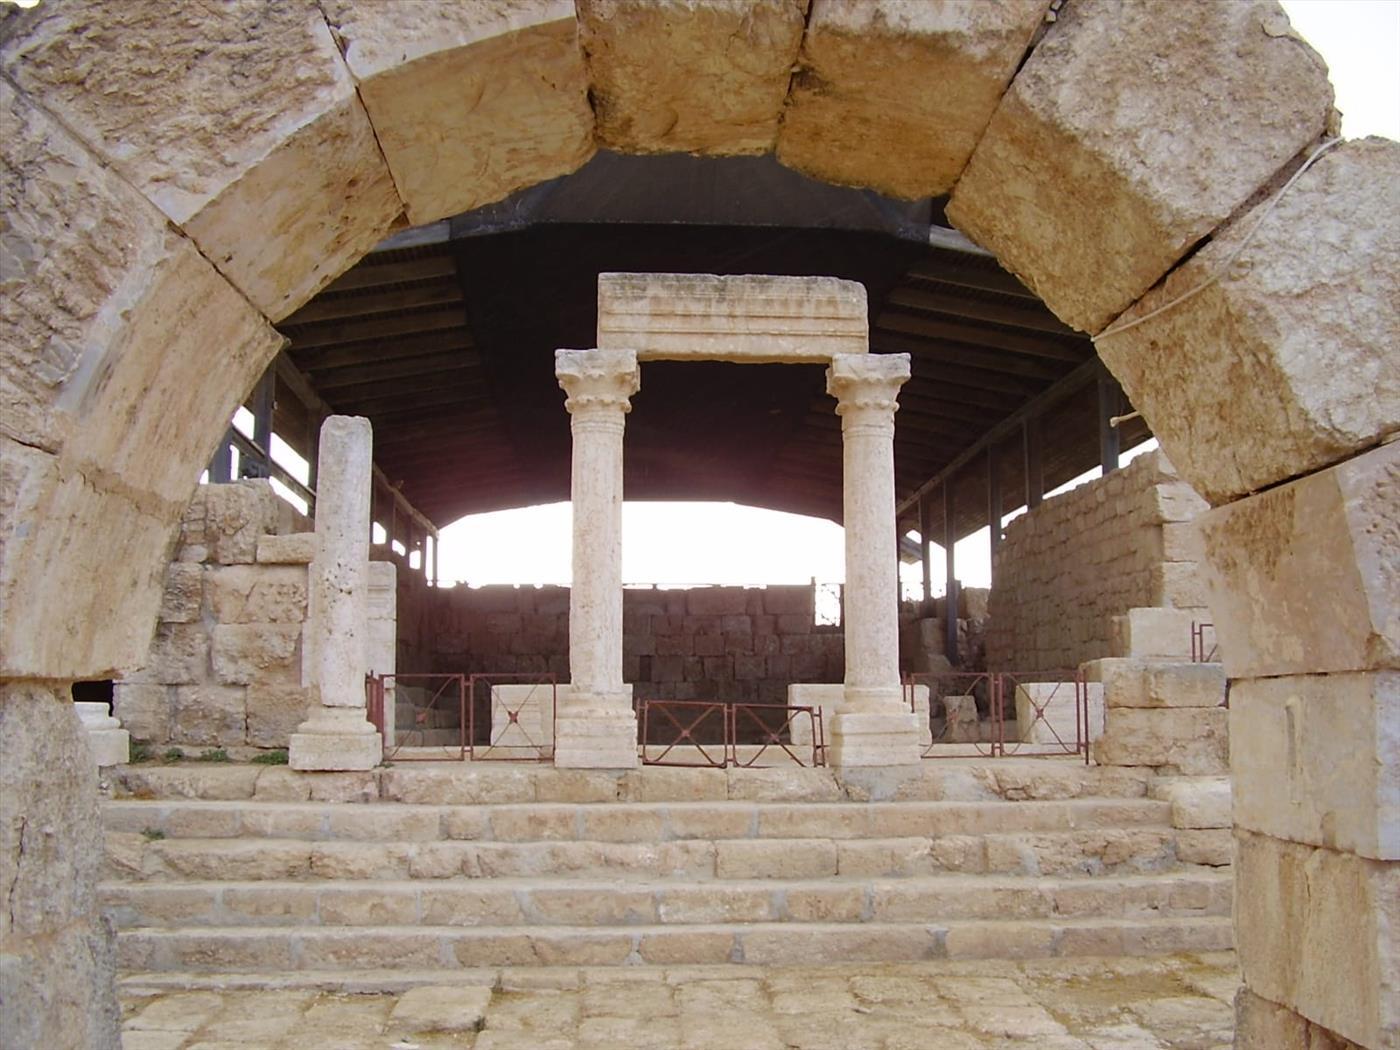 אתר סוסיא  (מועצה איזורית הר חברון)